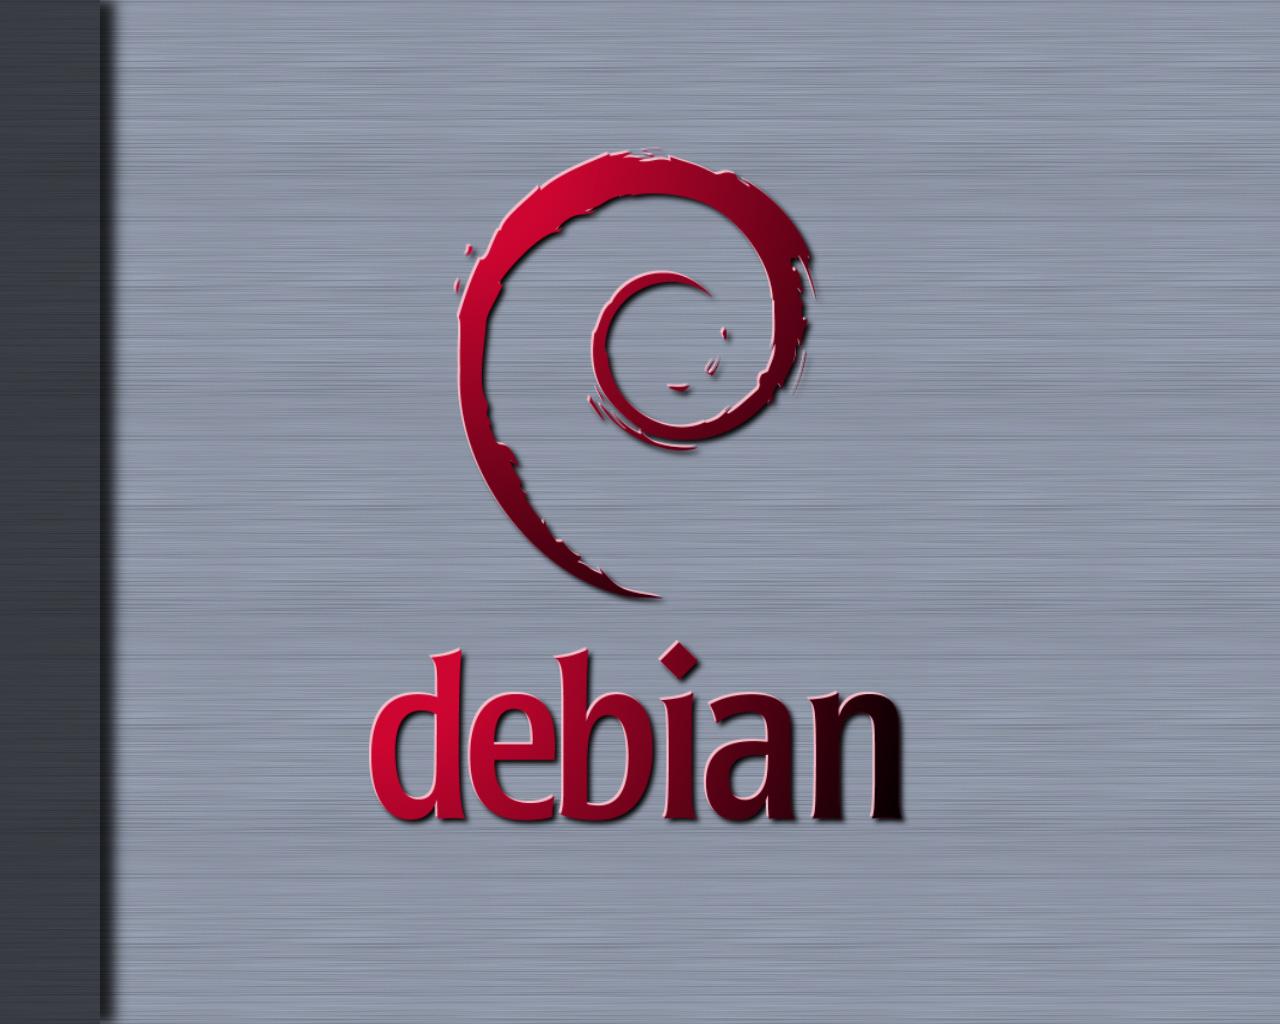 debian082.jpg